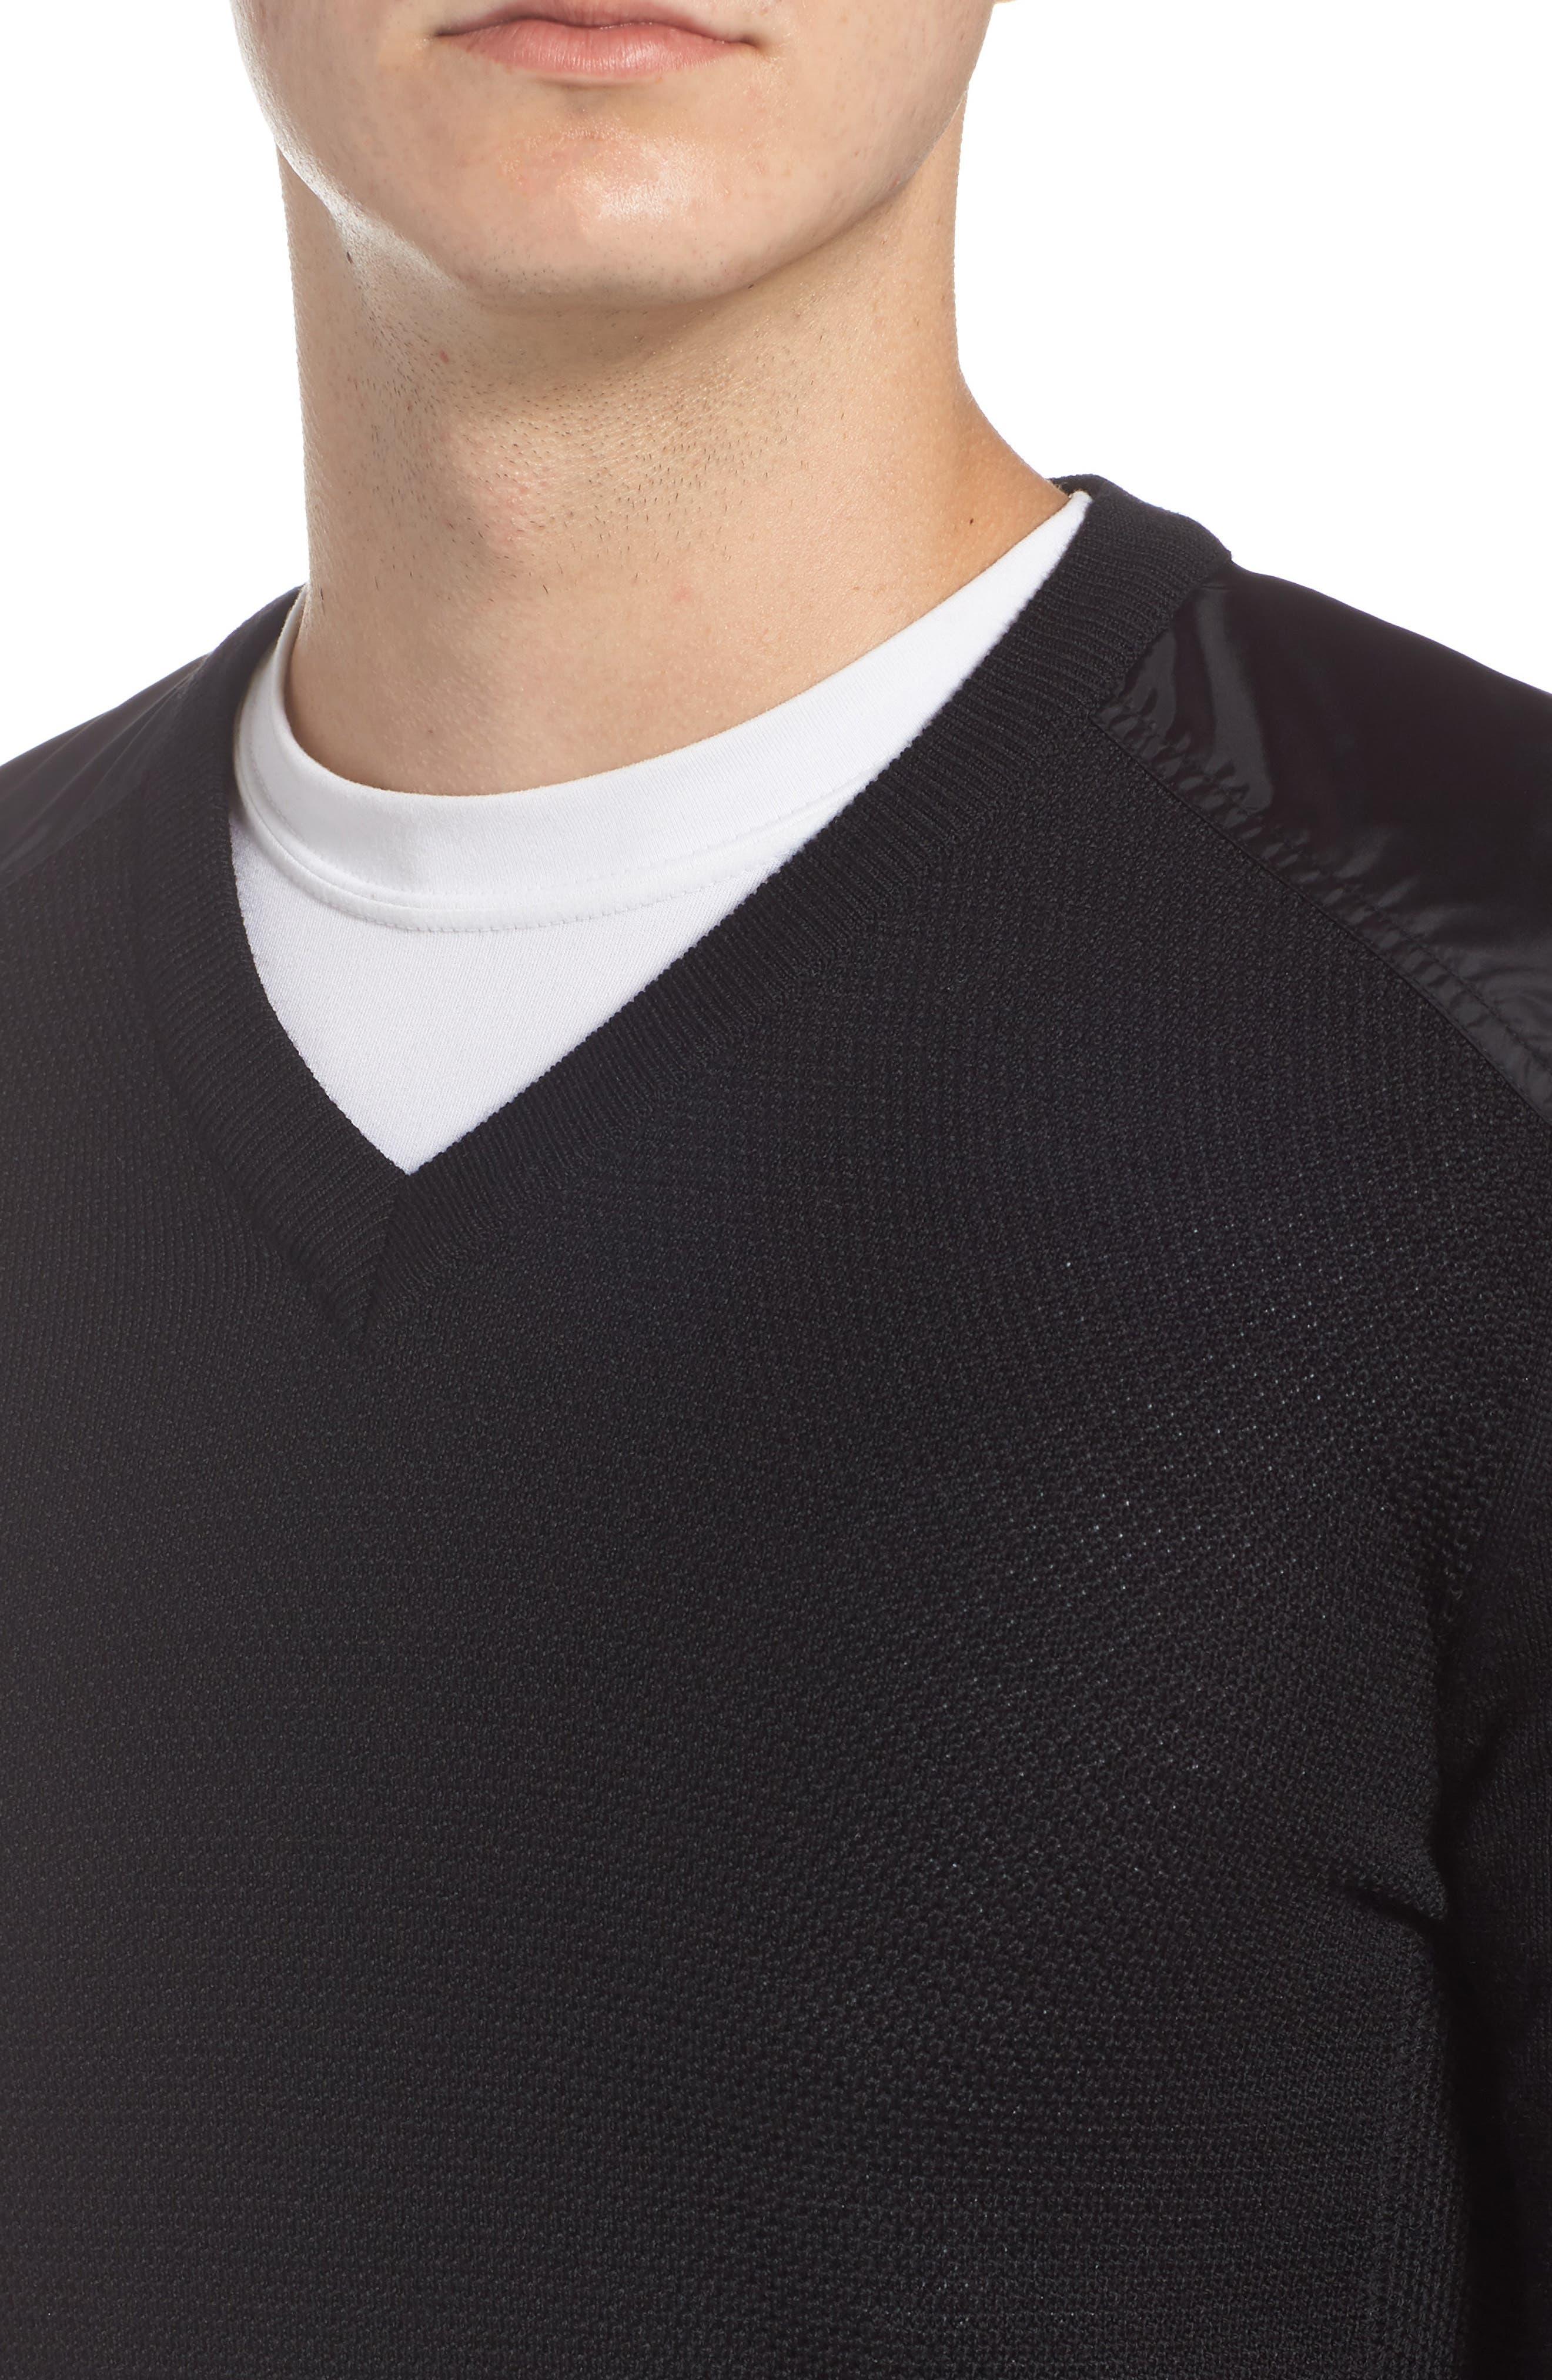 McLeod V-Neck Regular Fit Merino Wool Sweater,                             Alternate thumbnail 4, color,                             BLACK